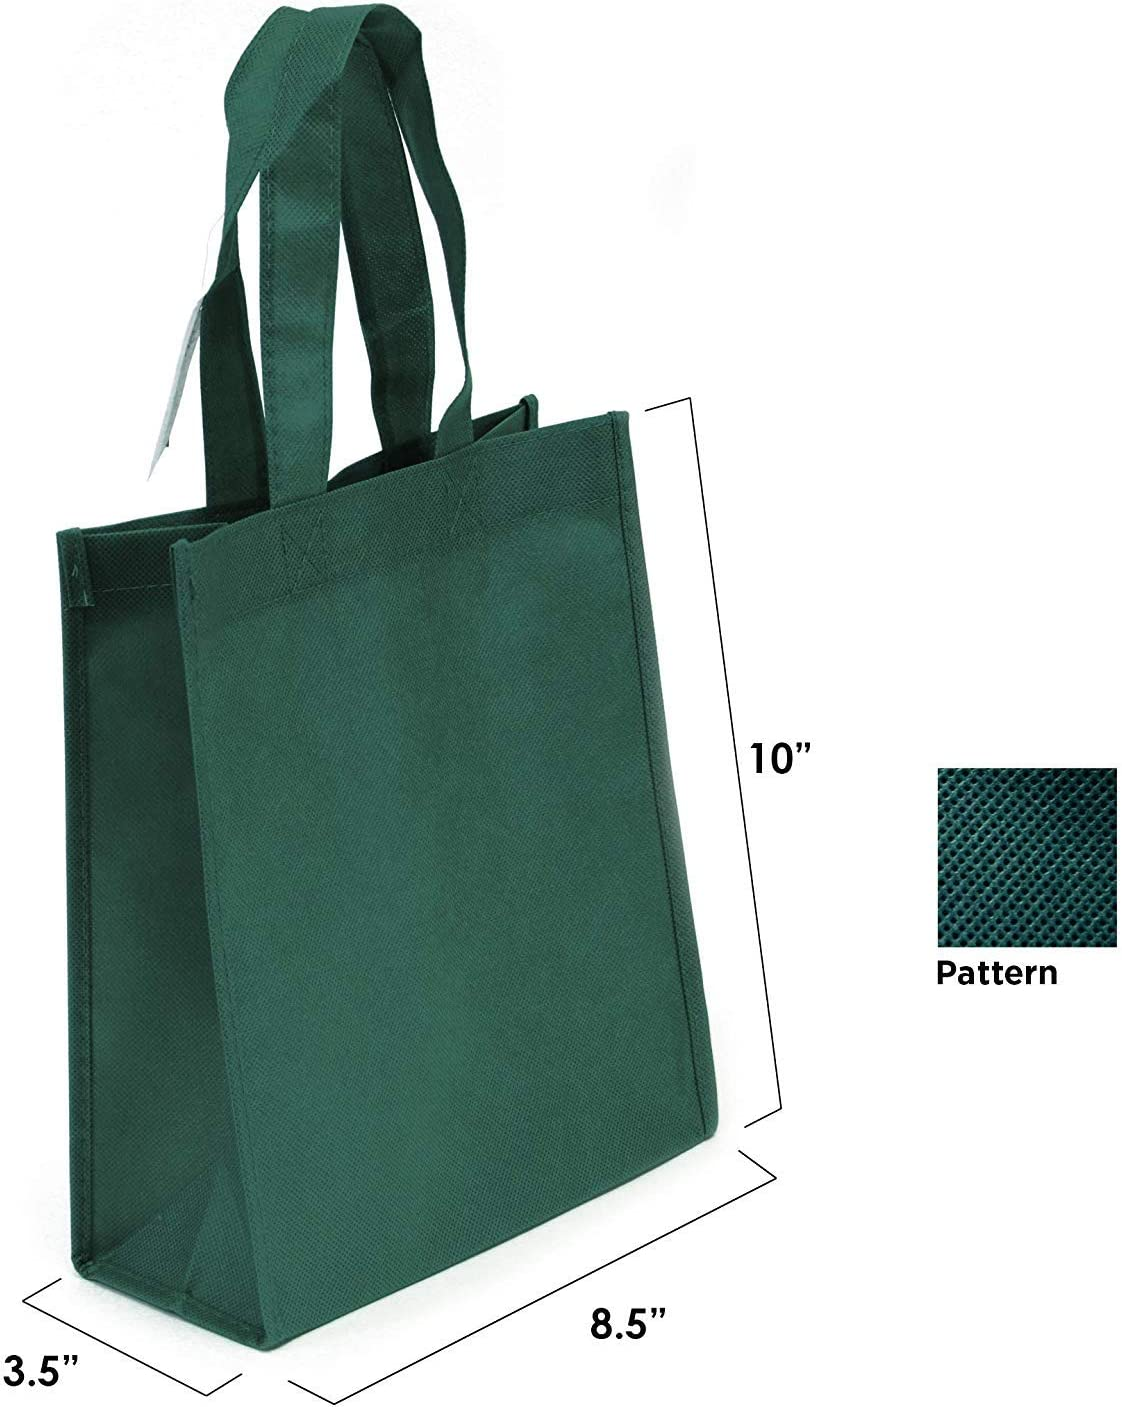 Assorted Color, Set of 50 Non Woven Bag Multipurpose Art Craft Screen Print School Bag Book Bag Heavy Duty Non-woven Polypropylene Non-woven Reusable Tote Bags Small Gift Tote Bag